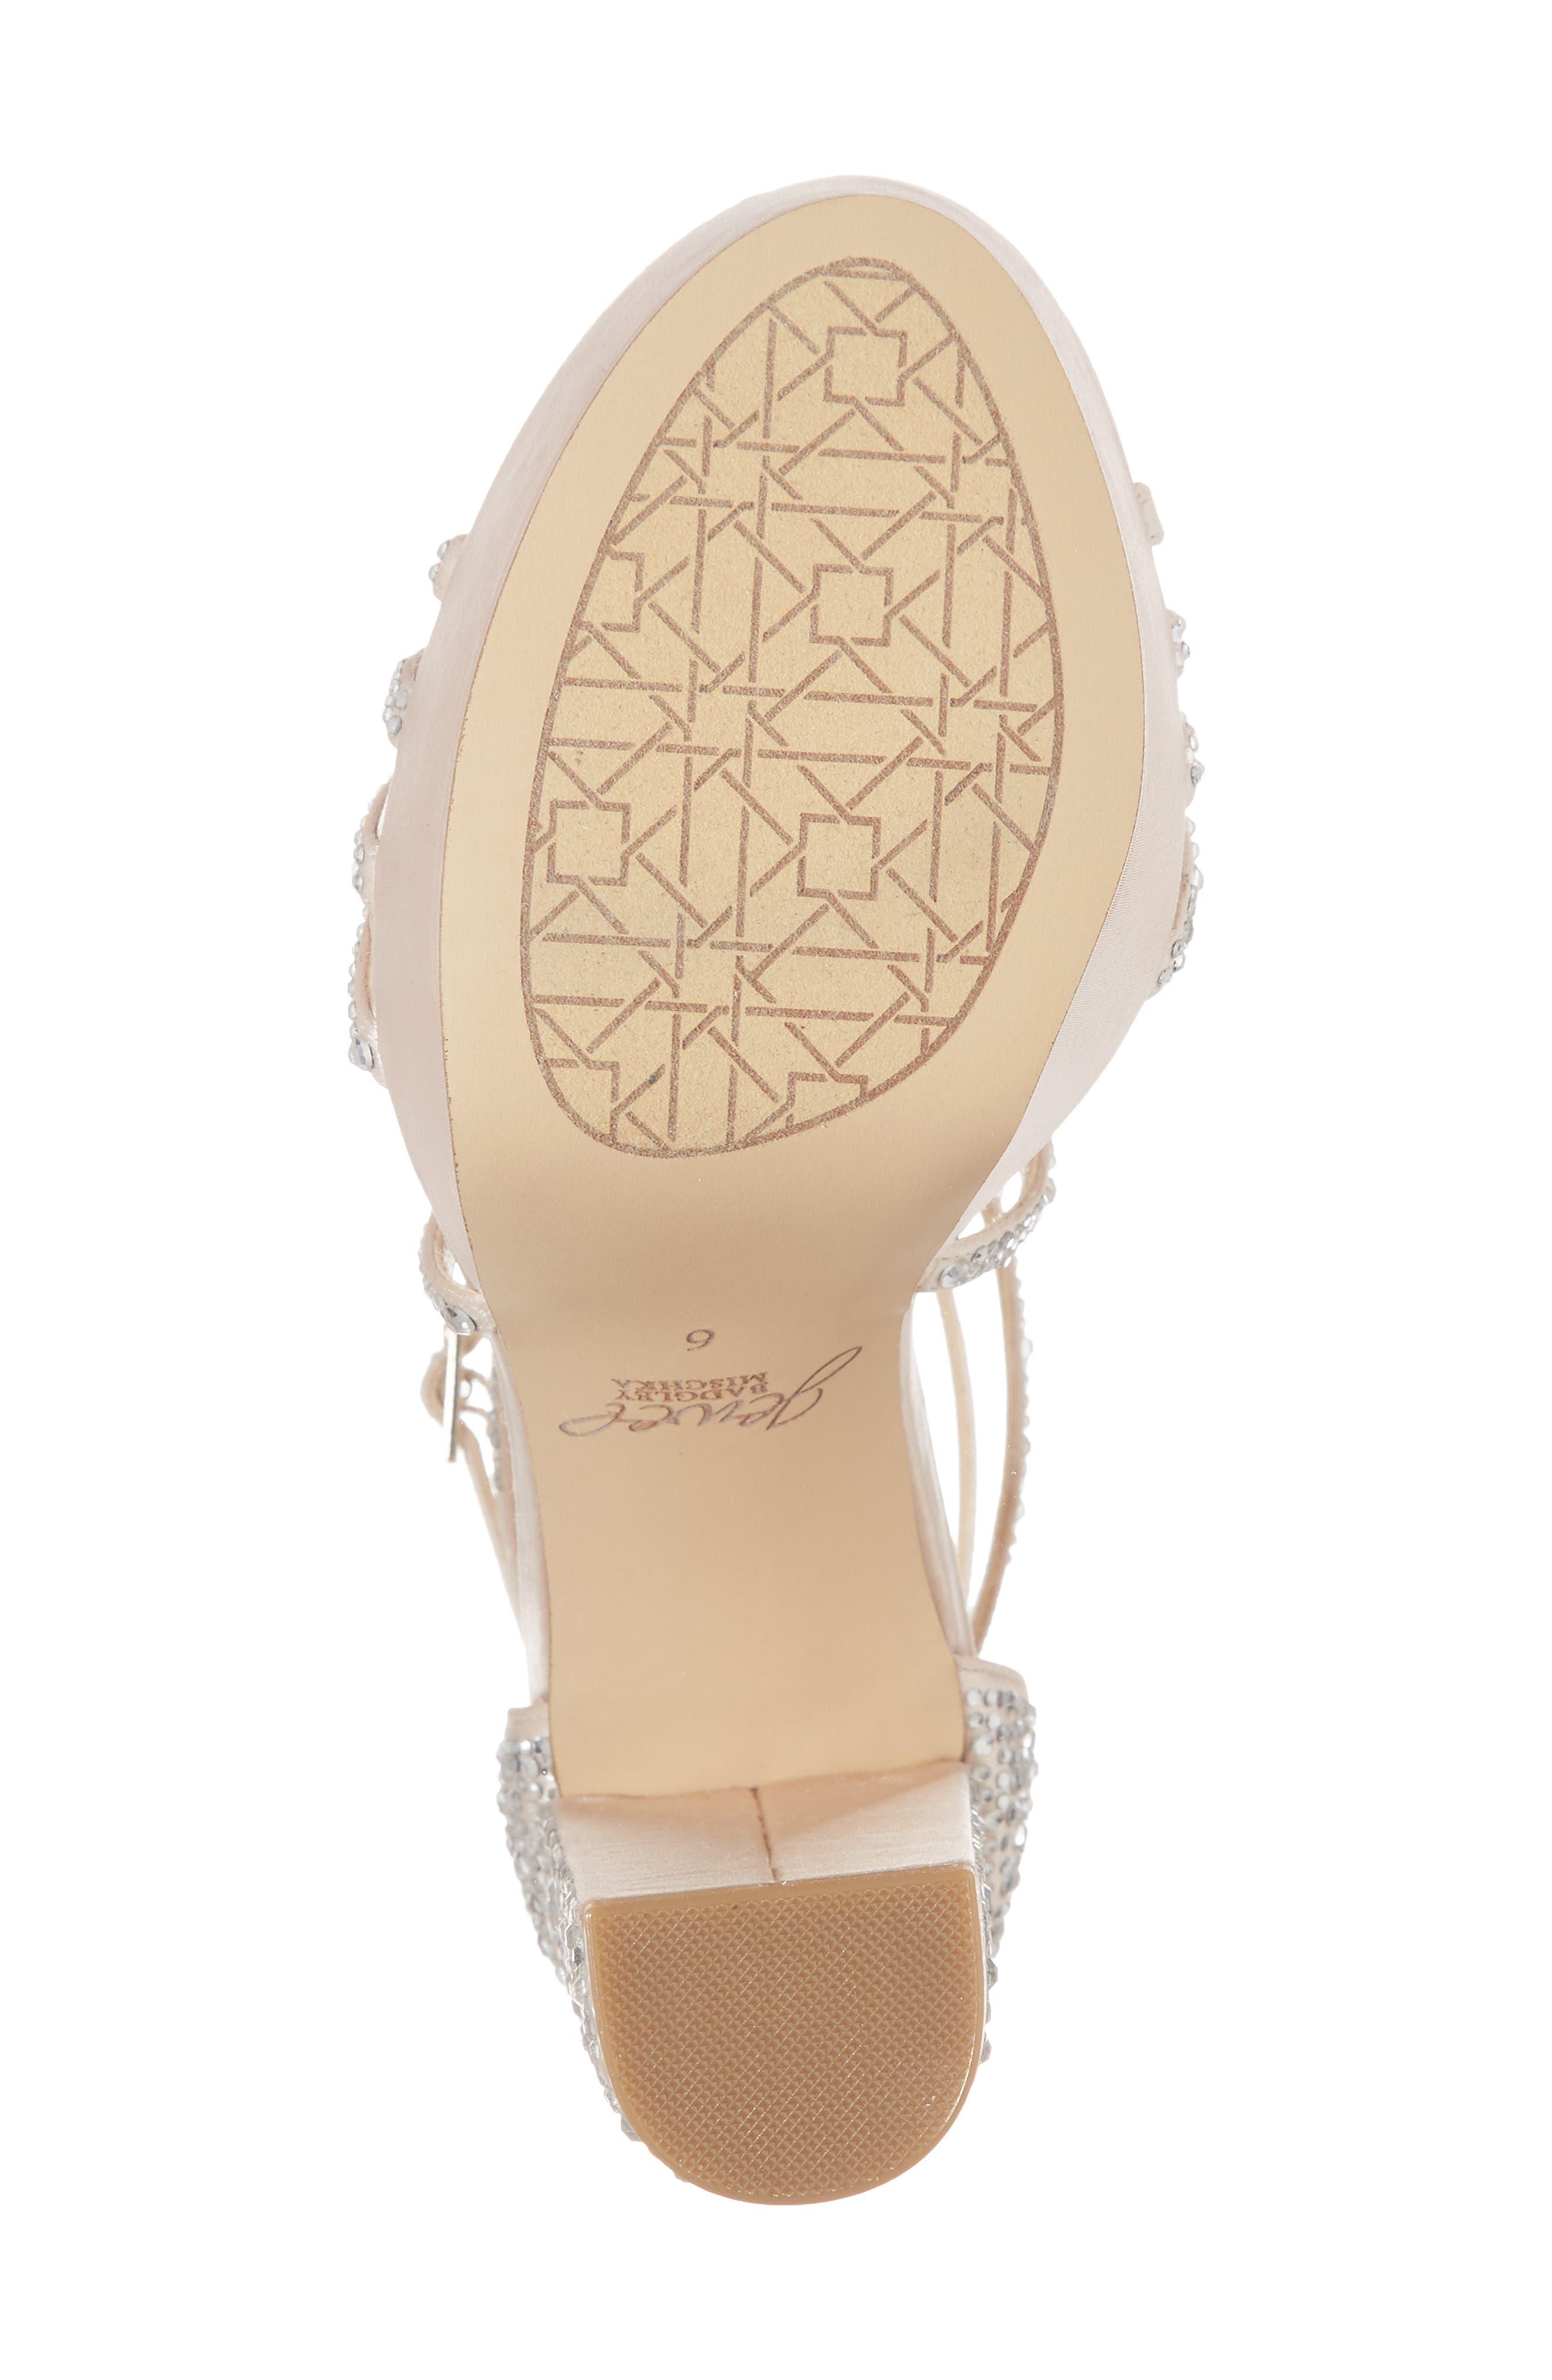 Tarah Crystal Embellished Platform Sandal,                             Alternate thumbnail 6, color,                             Champagne Satin